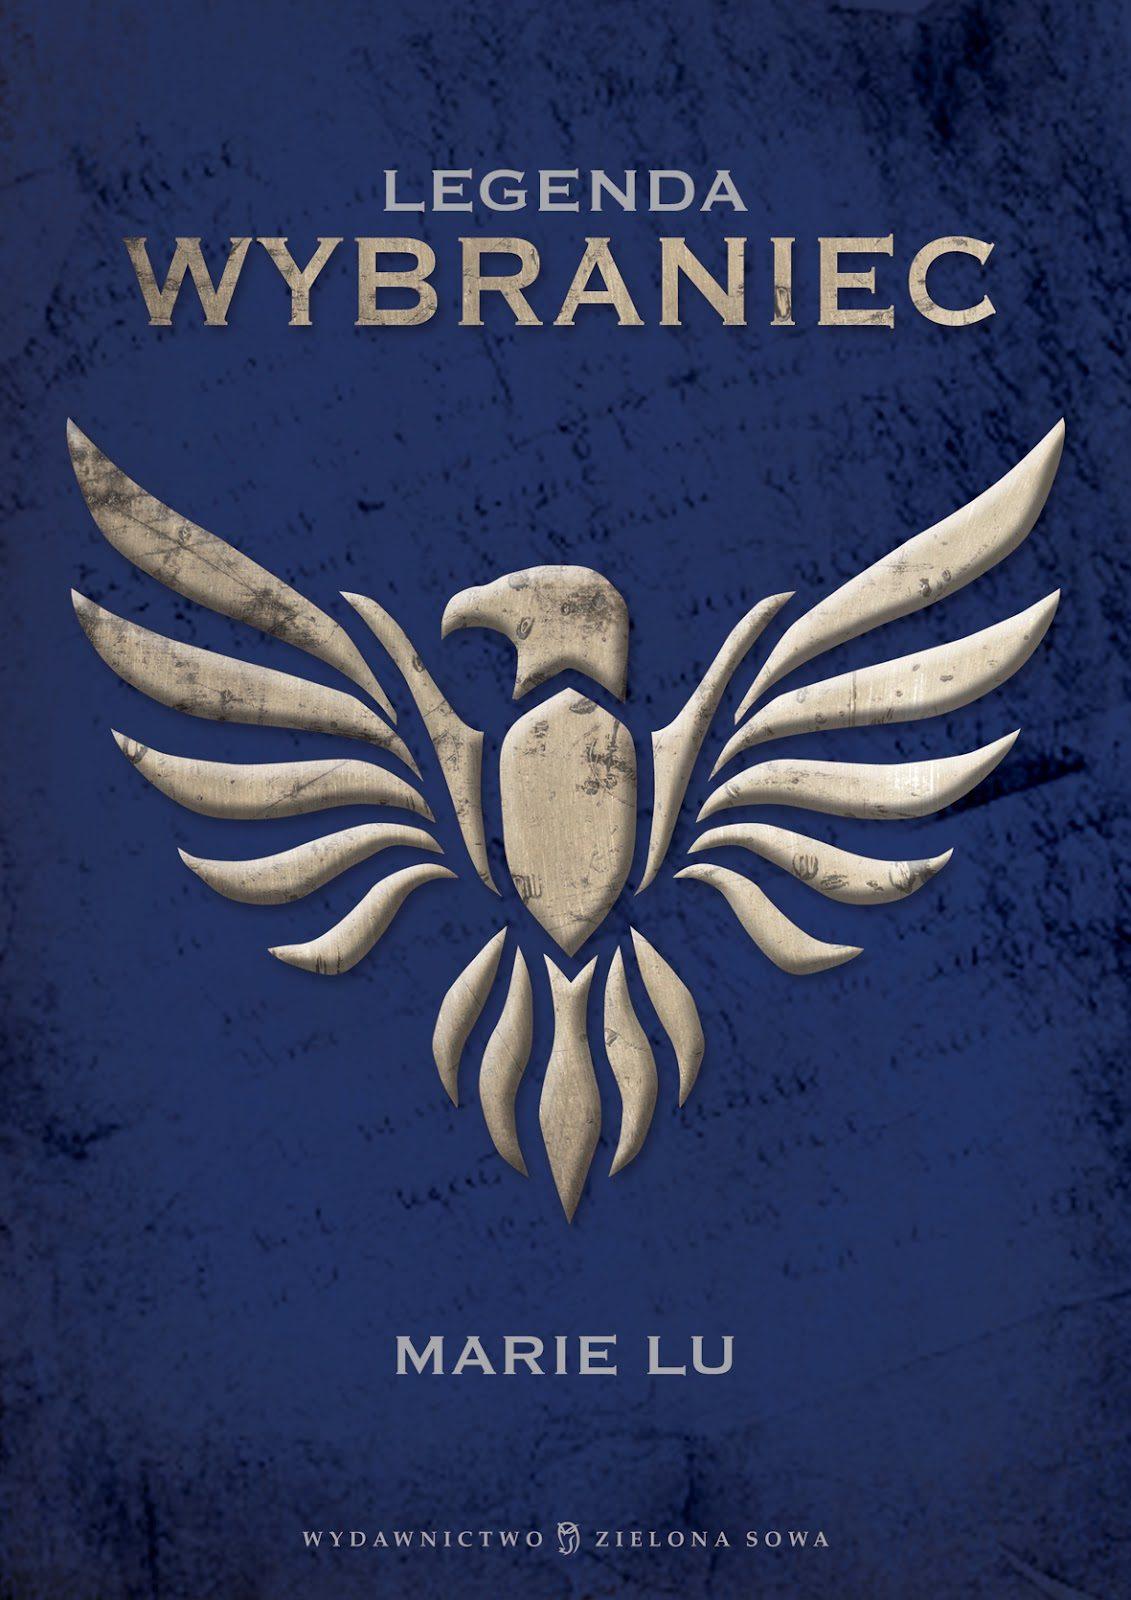 Legenda. Wybraniec - Ebook (Książka na Kindle) do pobrania w formacie MOBI